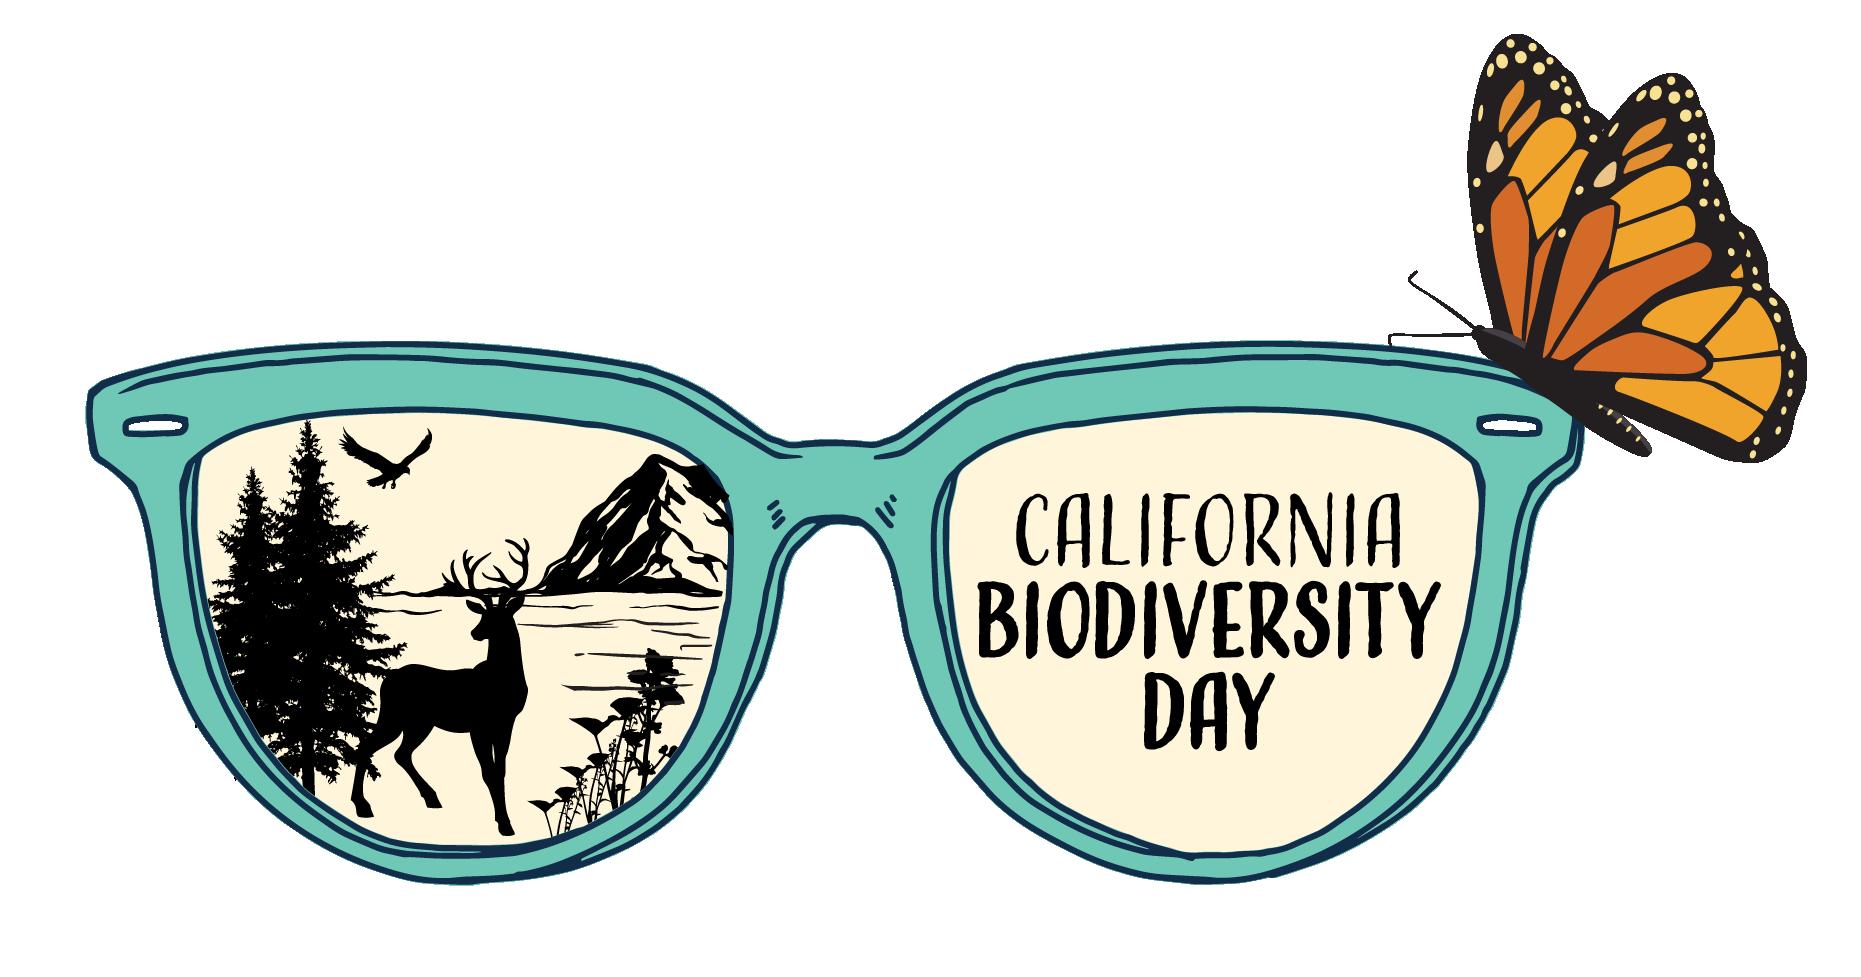 Biodiversity-Day-2021-Logo